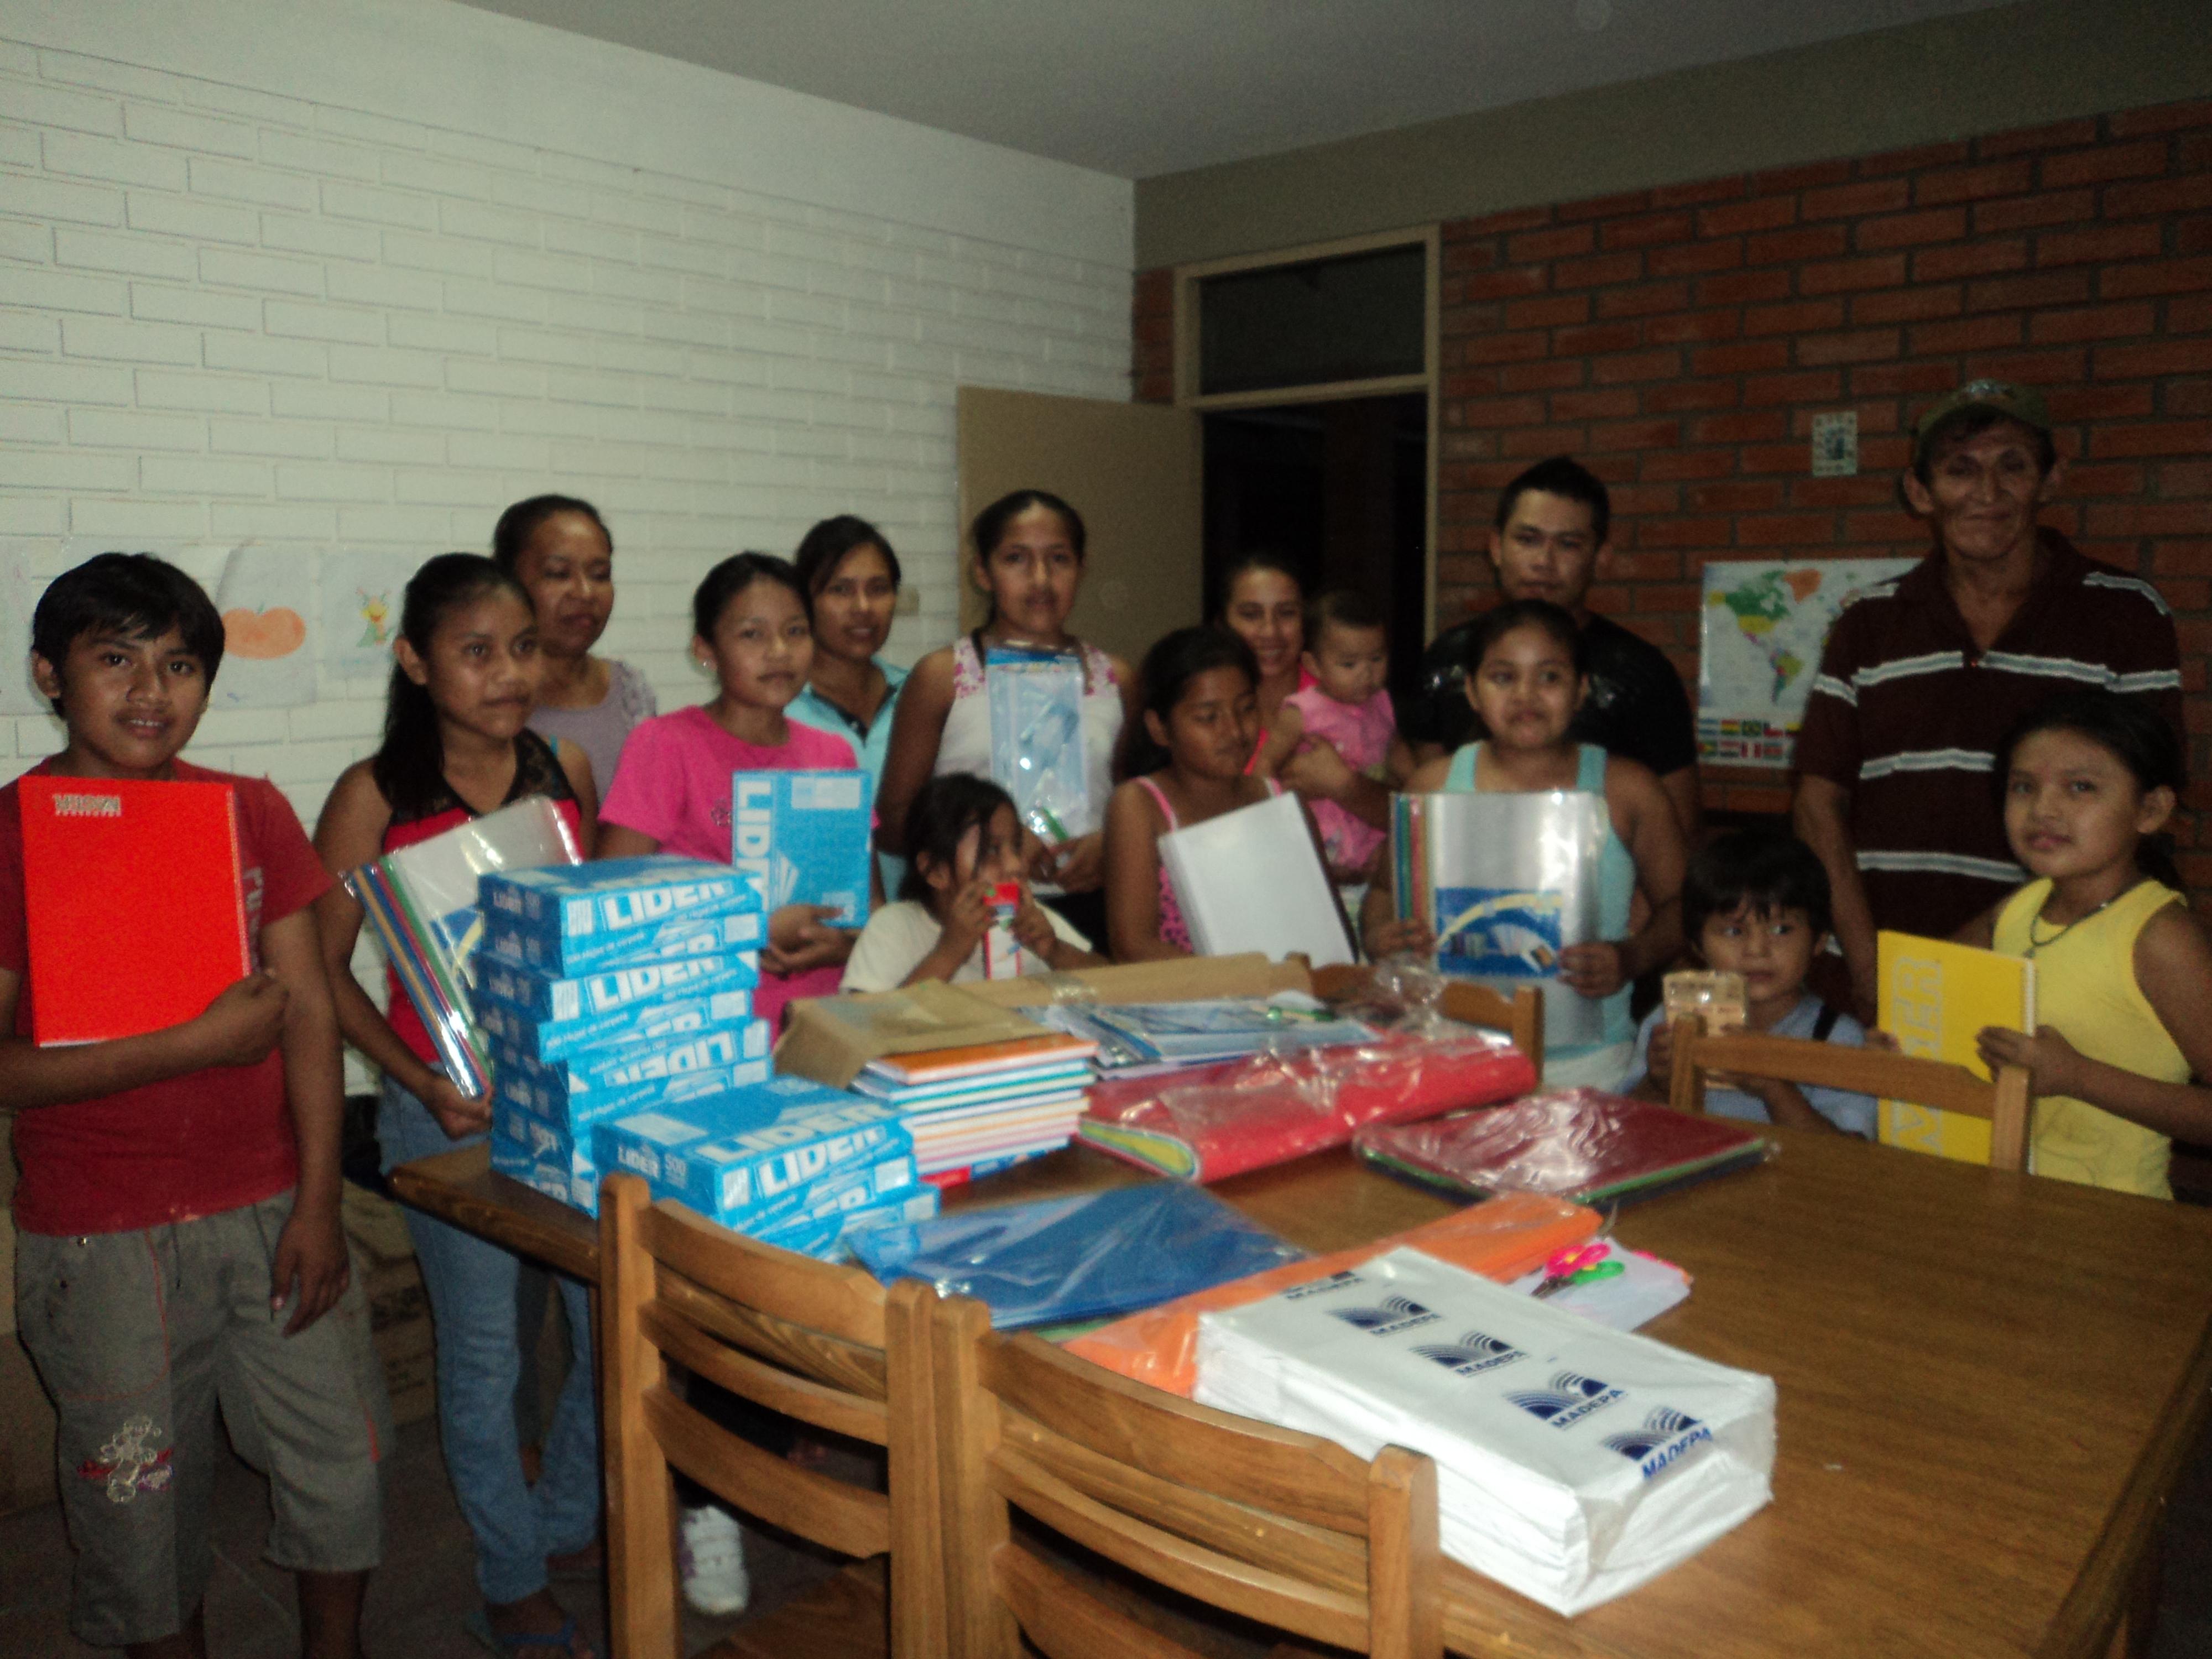 Los niños y niñas del Centro posando felices con su nuevo material escolar